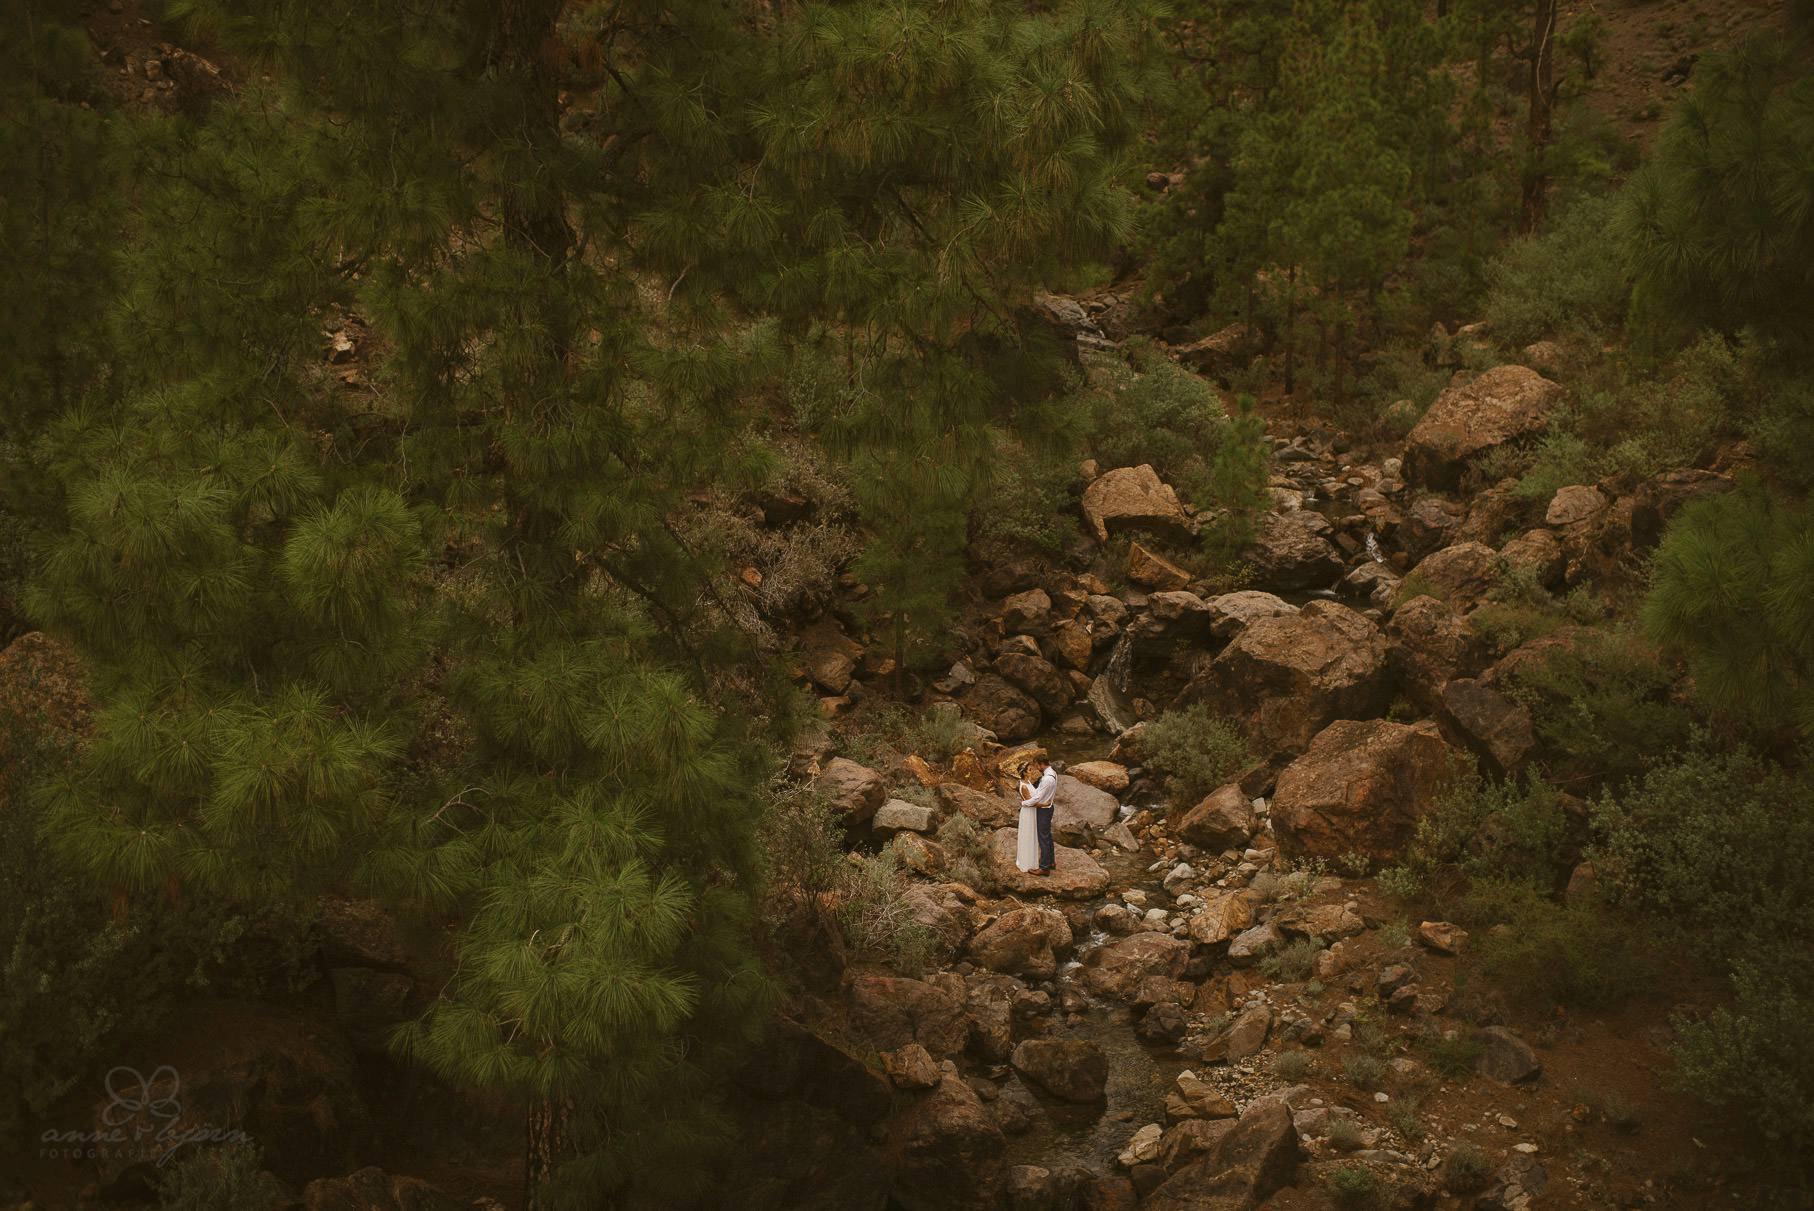 0107 lug d75 7158 - Hochzeit auf Gran Canaria - Linda & Gerald (Elopement)